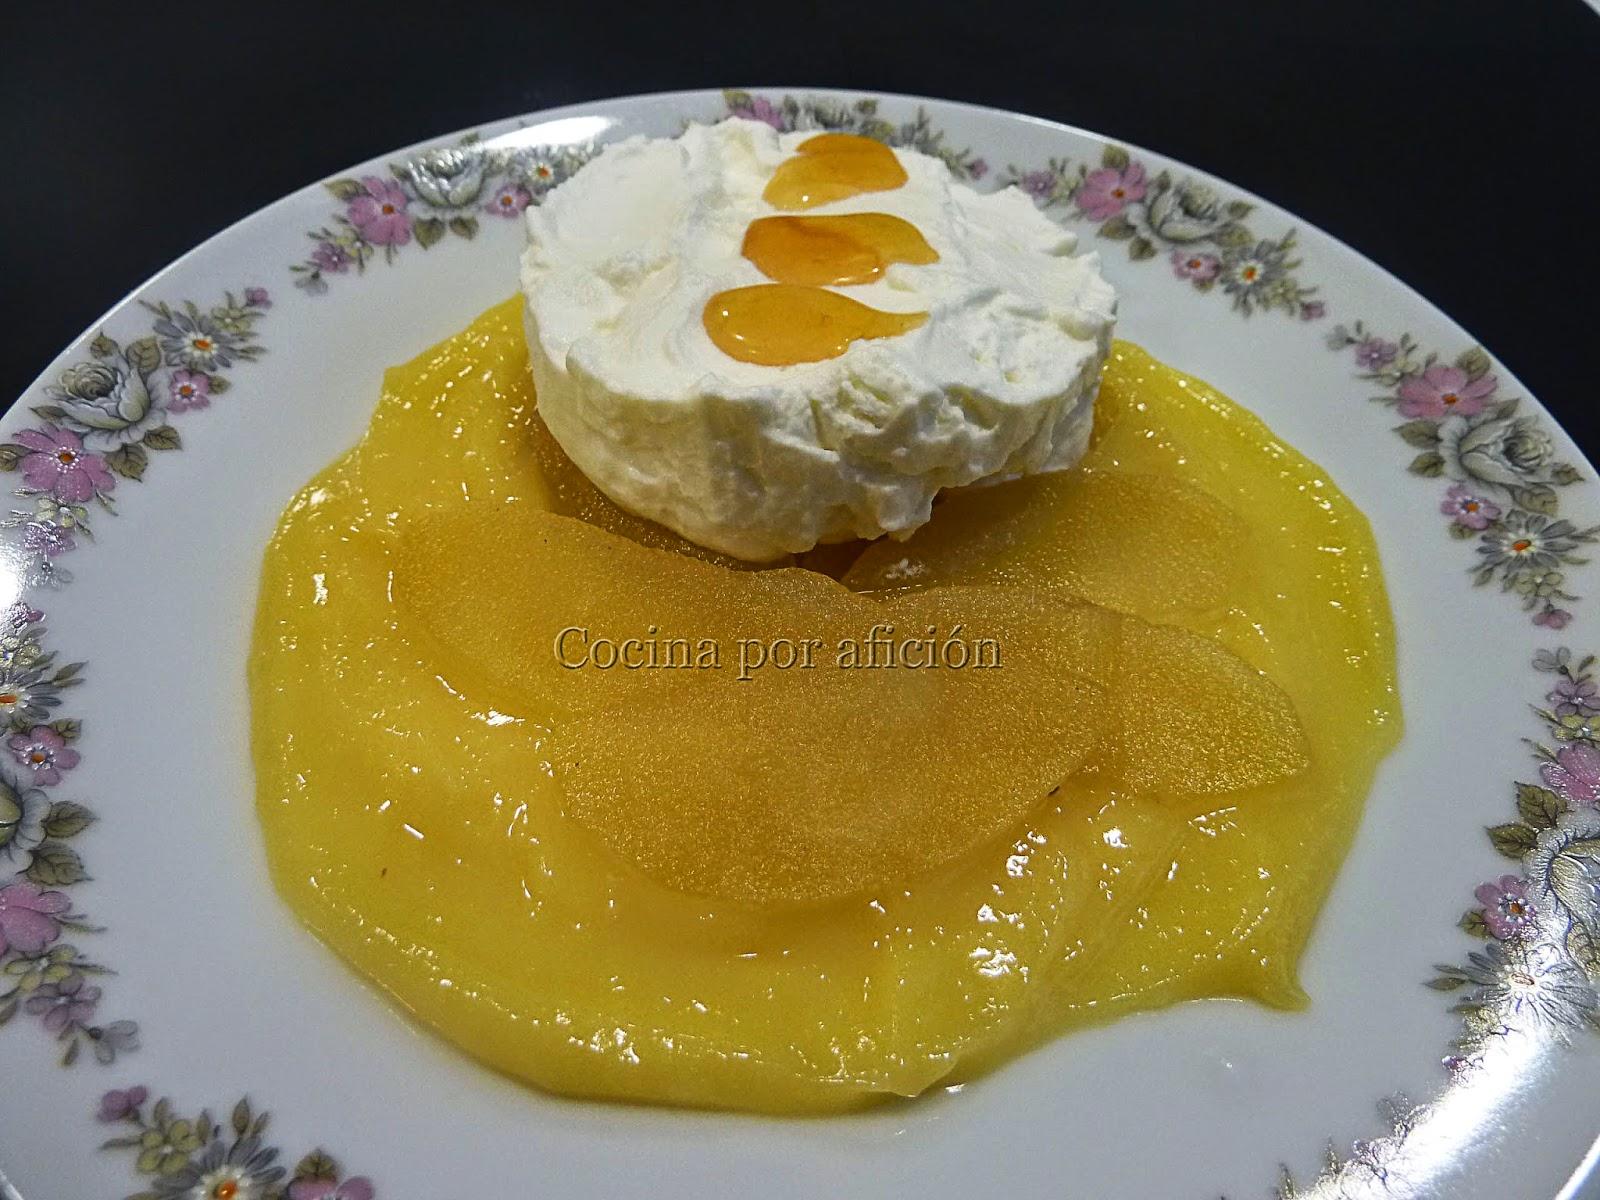 manzana, lemon curd, nata